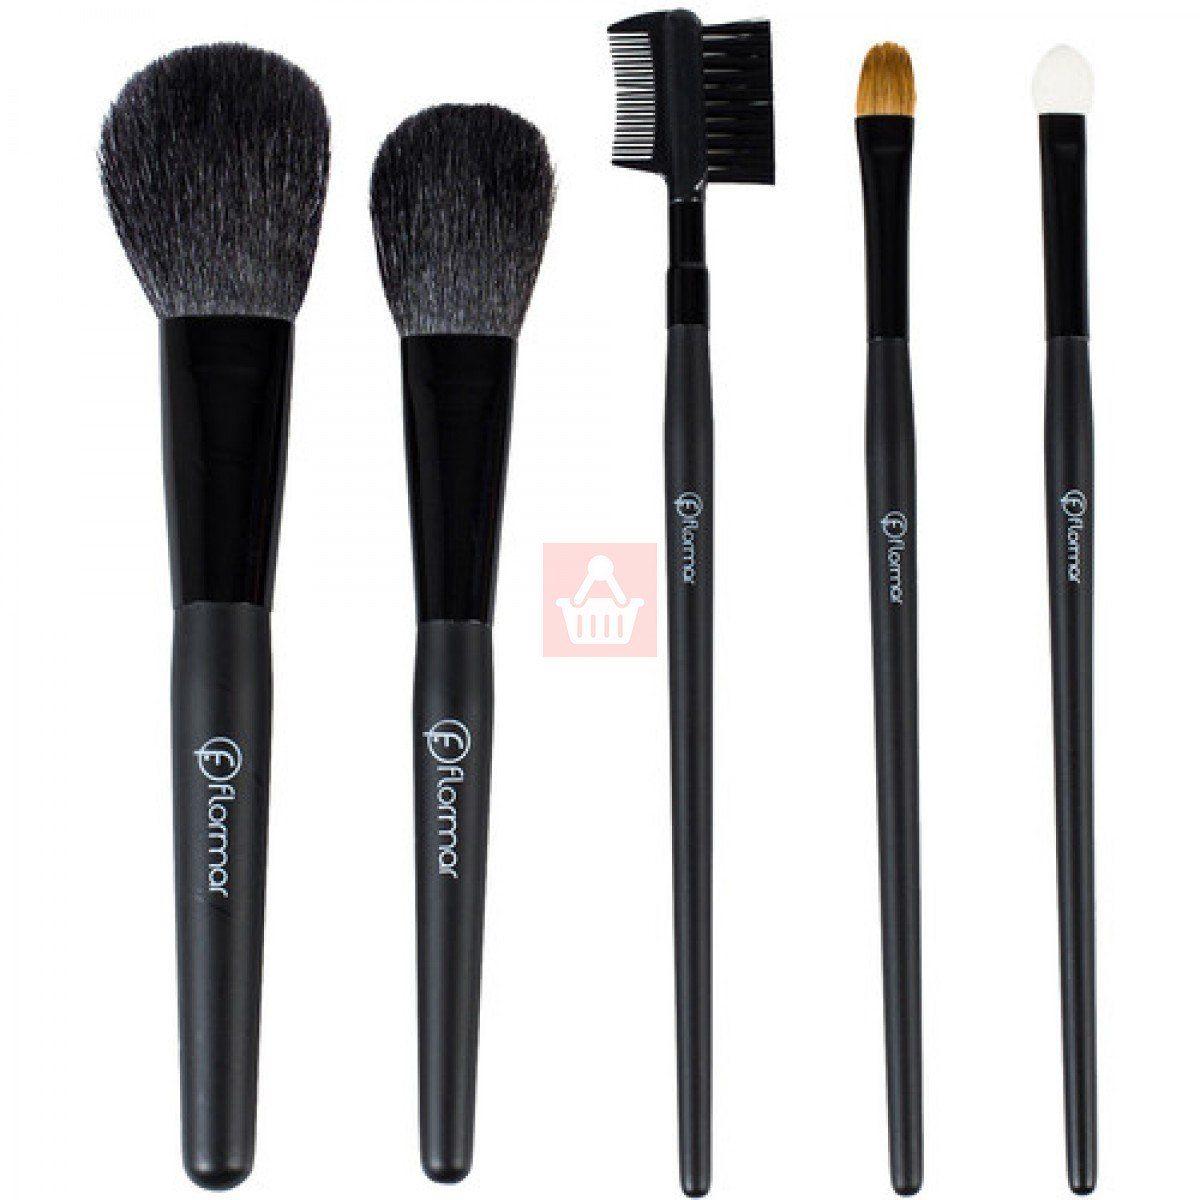 Flormar - 5 Pieces Makeup Brush Set